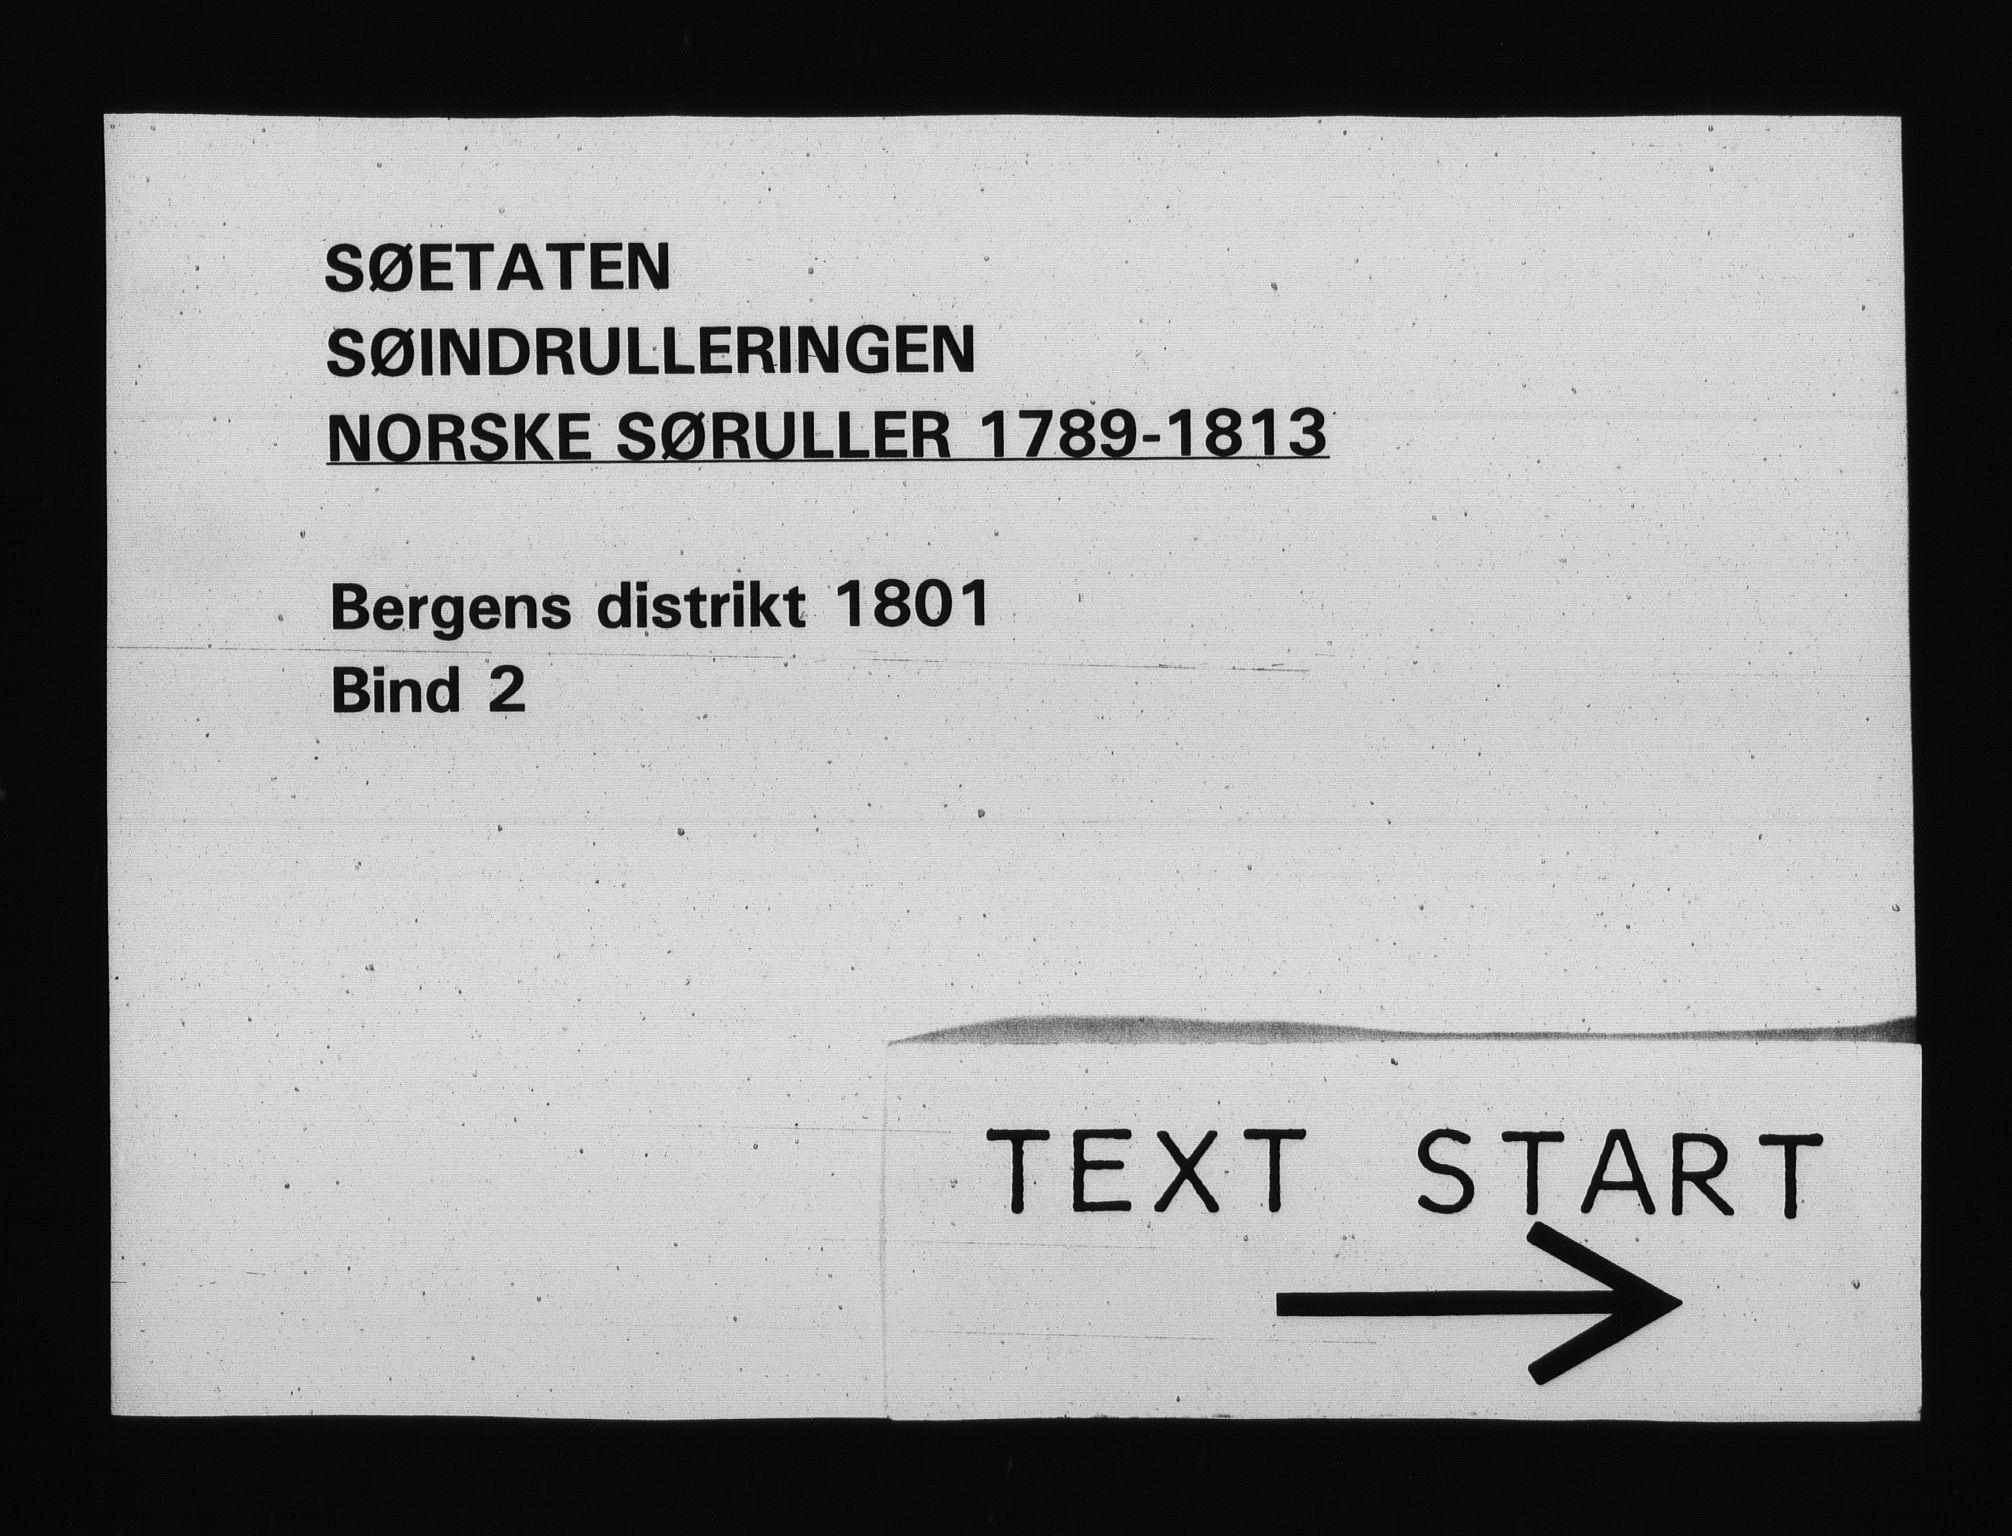 RA, Sjøetaten, F/L0234: Bergen distrikt, bind 2, 1801